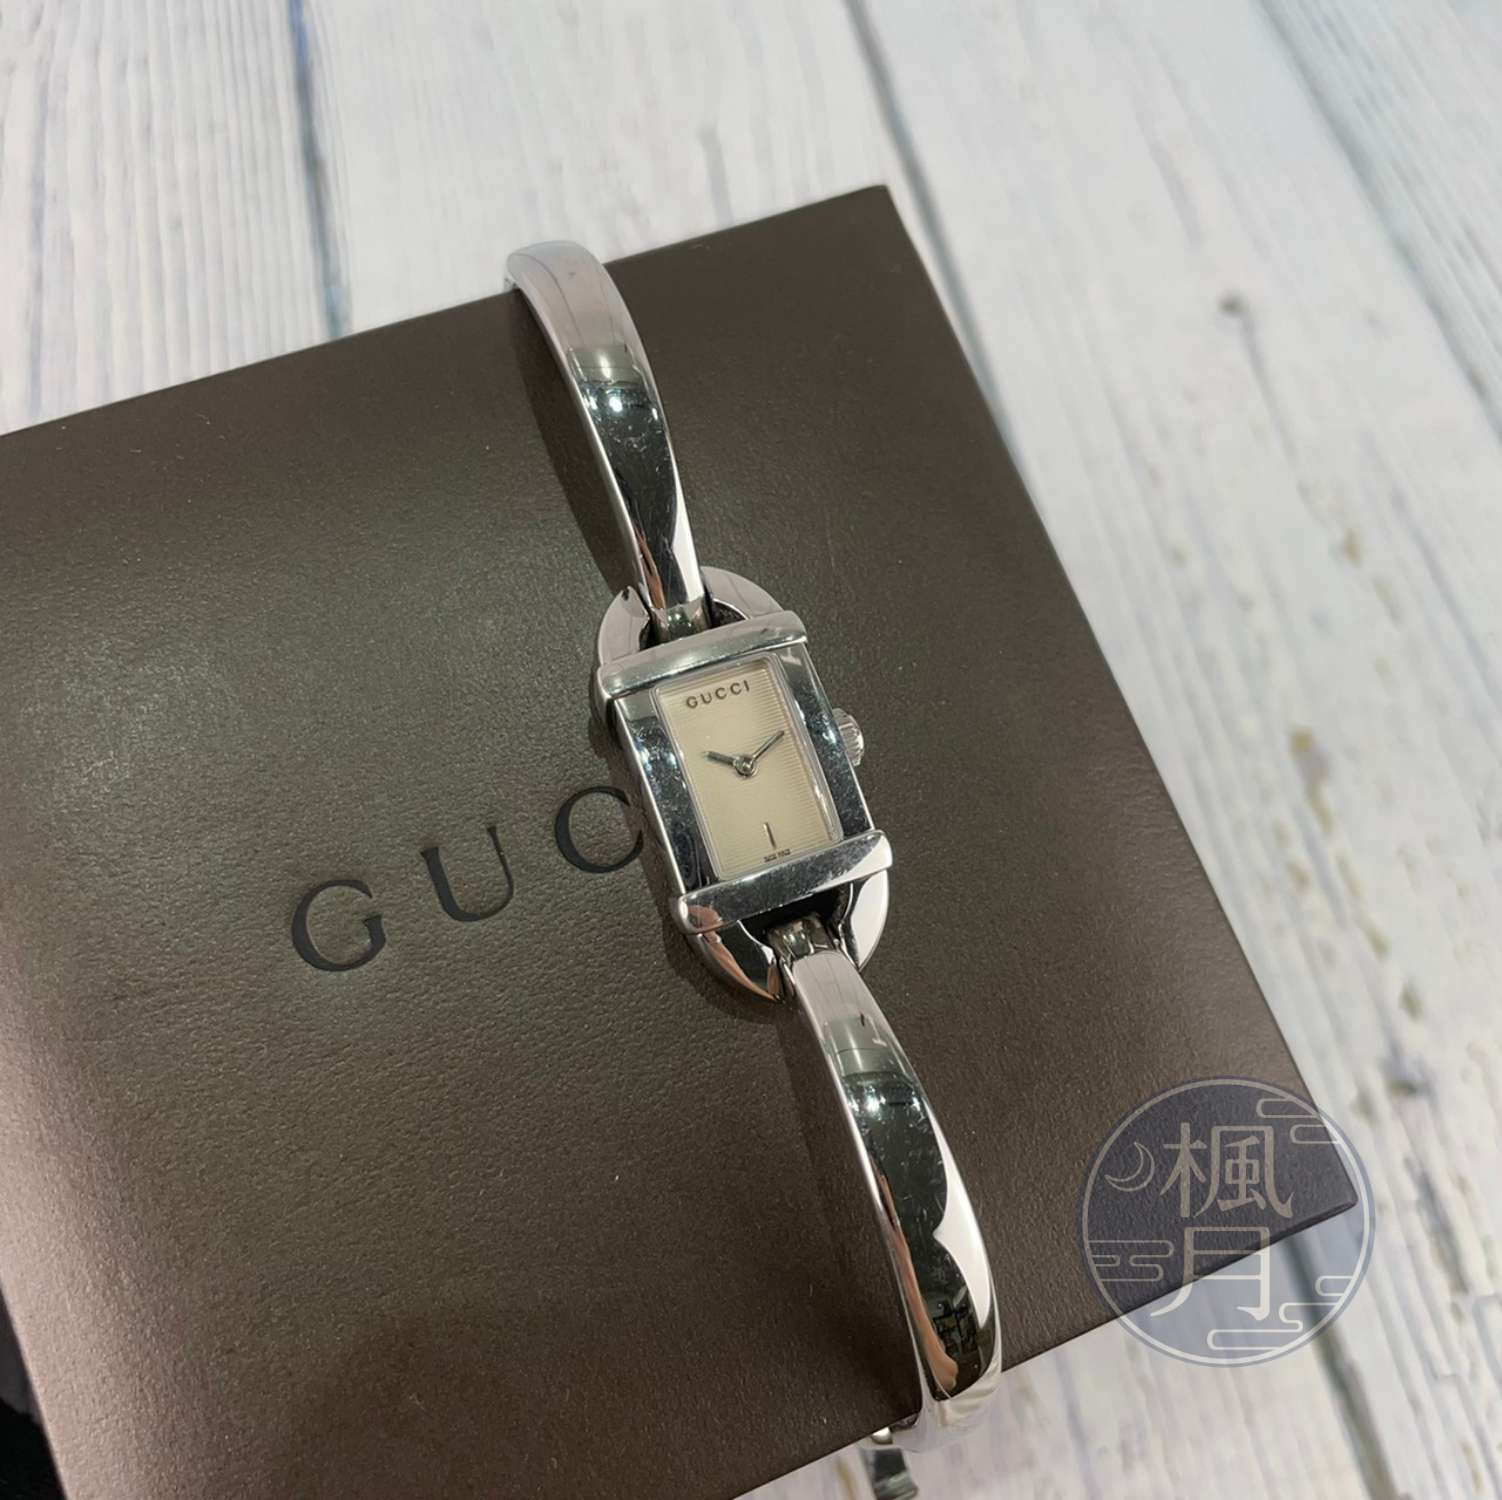 BRAND楓月 GUCCI 古馳 6800L 白條紋女錶 手錶 腕錶 時計 石英錶 簡約設計 方錶盤 瑞士製造